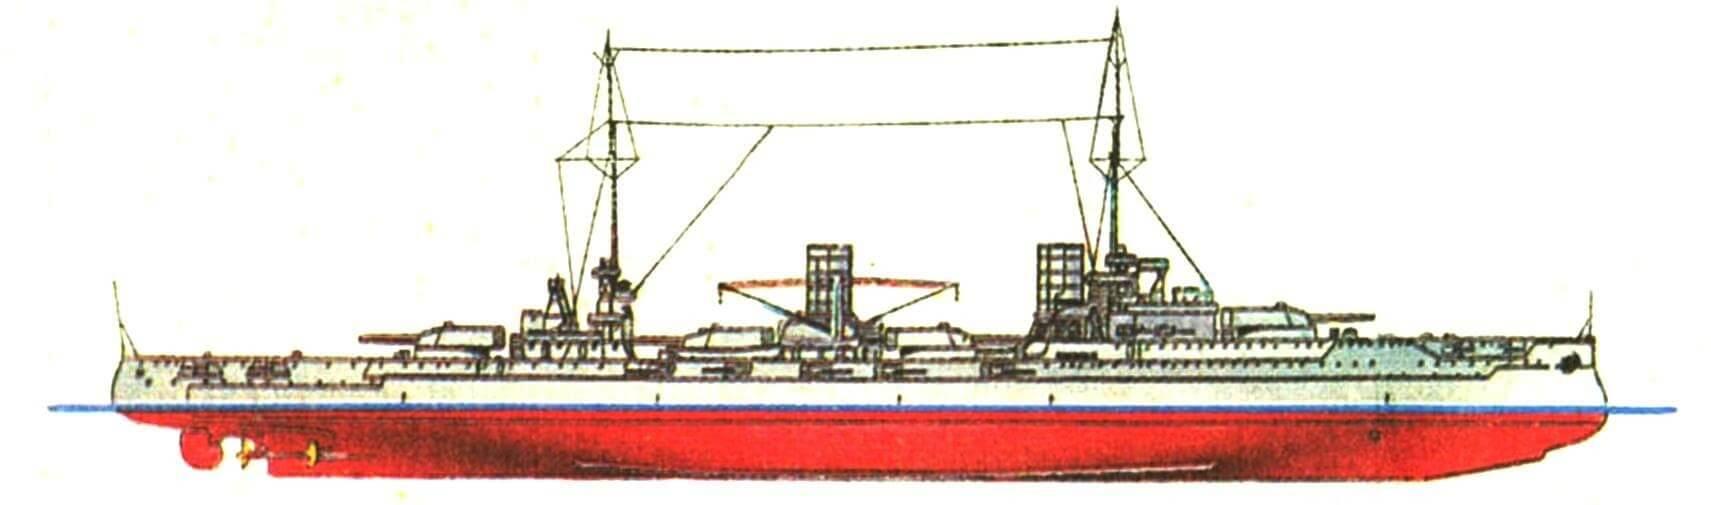 180. Линейный крейсер «ФОН ДЕР ТАНН», Германия, 1911 г. Заложен в 1908 г., спущен на воду в 1909 г. Водоизмещение нормальное 19 370 т, полное 21 700 т. Длина наибольшая 171,1 м, ширина 26,6 м, осадка 9 м. Мощность турбин 50 000 л.с. скорость 25 уз. Броня: пояс 250—80 мм, траверзы 180—100 мм, казематы 150 мм, башни 230—60 мм, рубка 250—80 мм, палуба 50 мм. Вооружение: восемь 280-мм орудий, десять 150-мм орудий, шестнадцать 88-мм пушек, 4 торпедных аппарата.